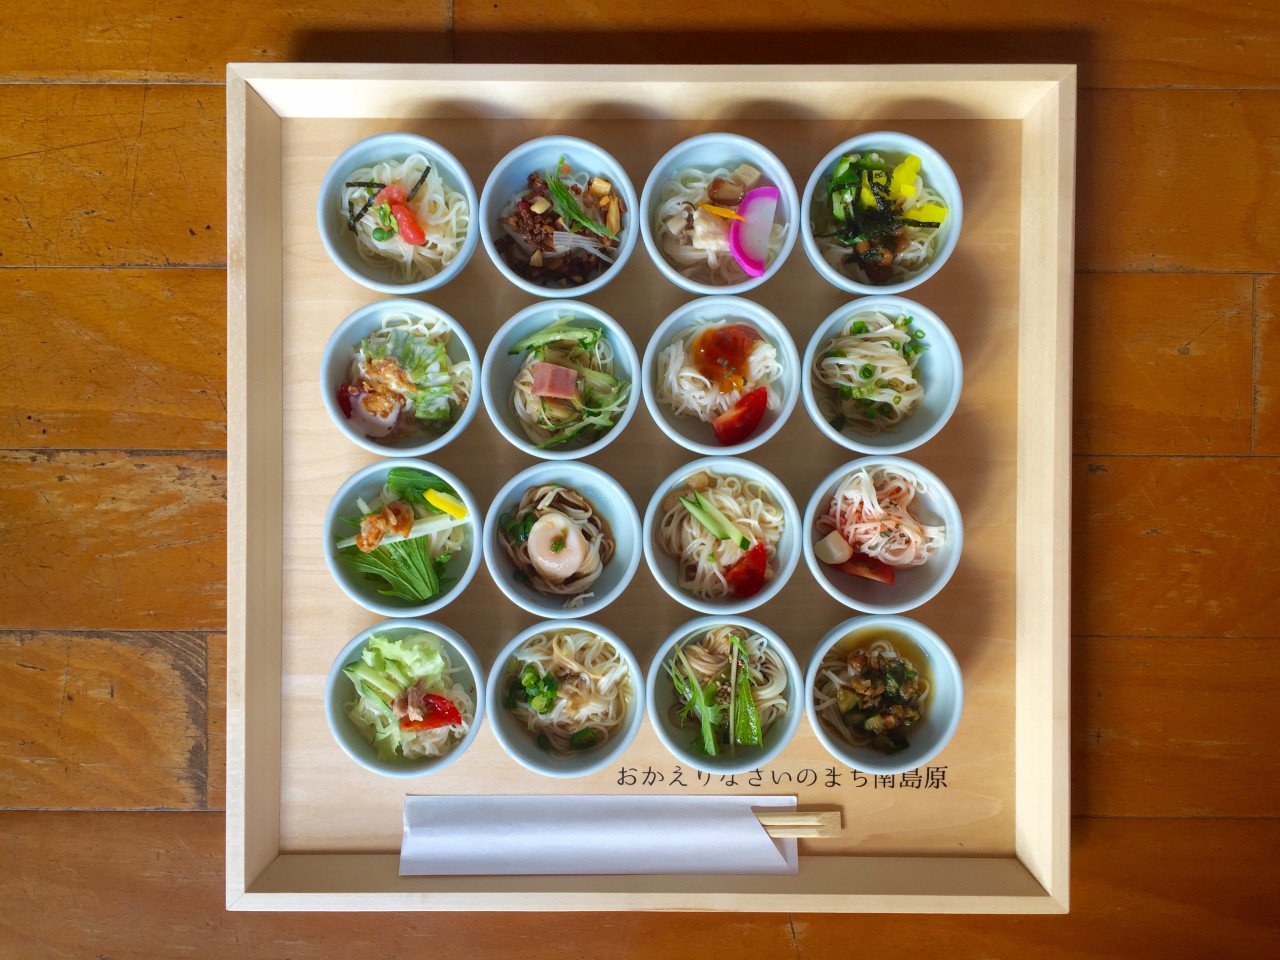 南島原食堂の創作そうめん、俺流食べ方&俺的ランキングTOP3